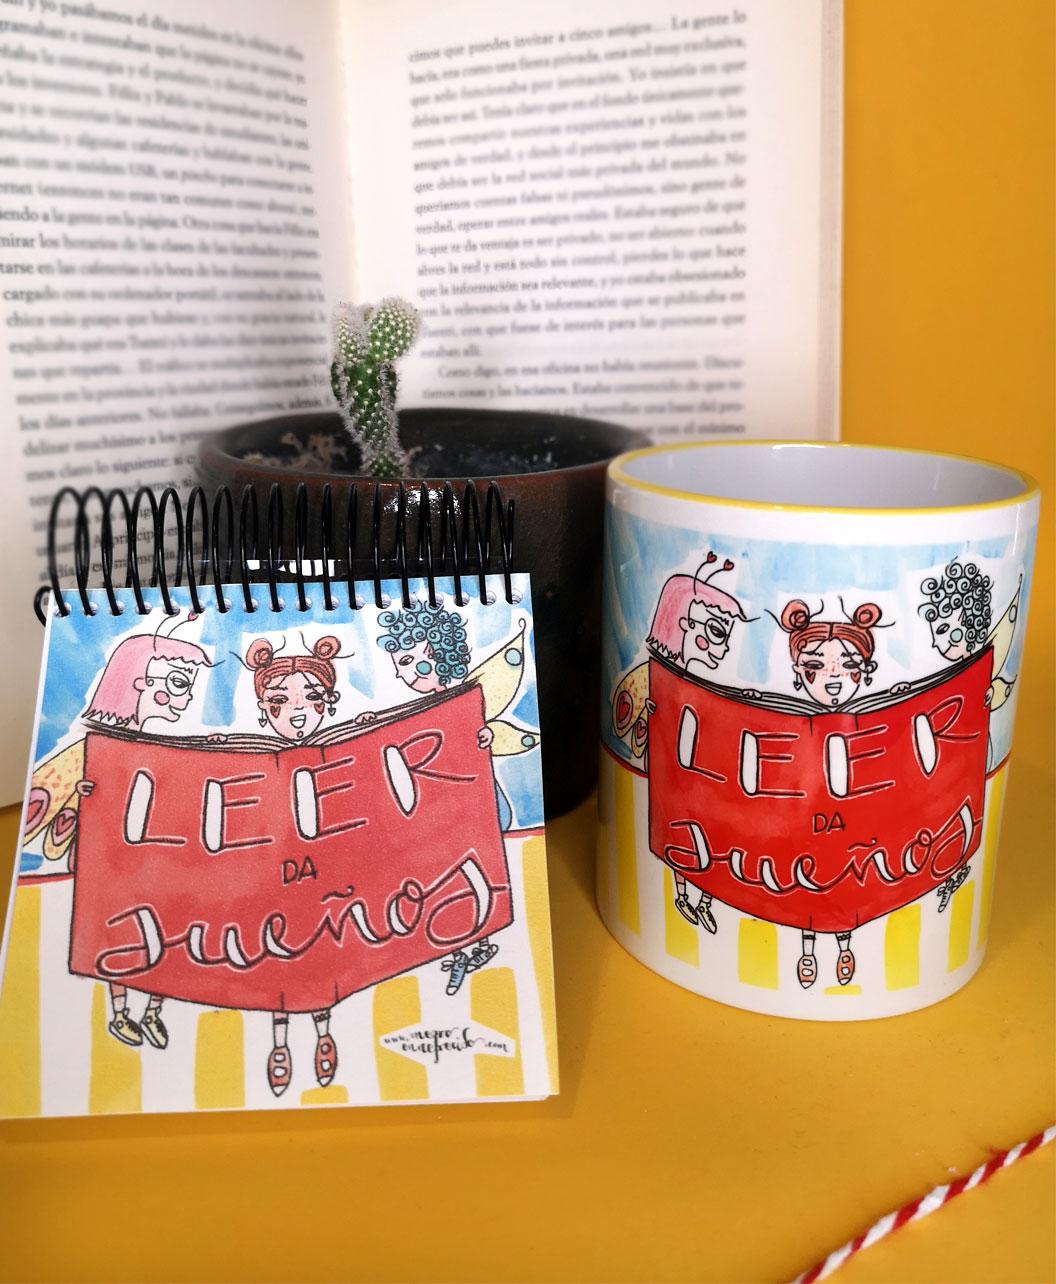 conjunto taza y libreta ideal regalo con ilustraciones originales divertidas coloridas lectura leer da suenos